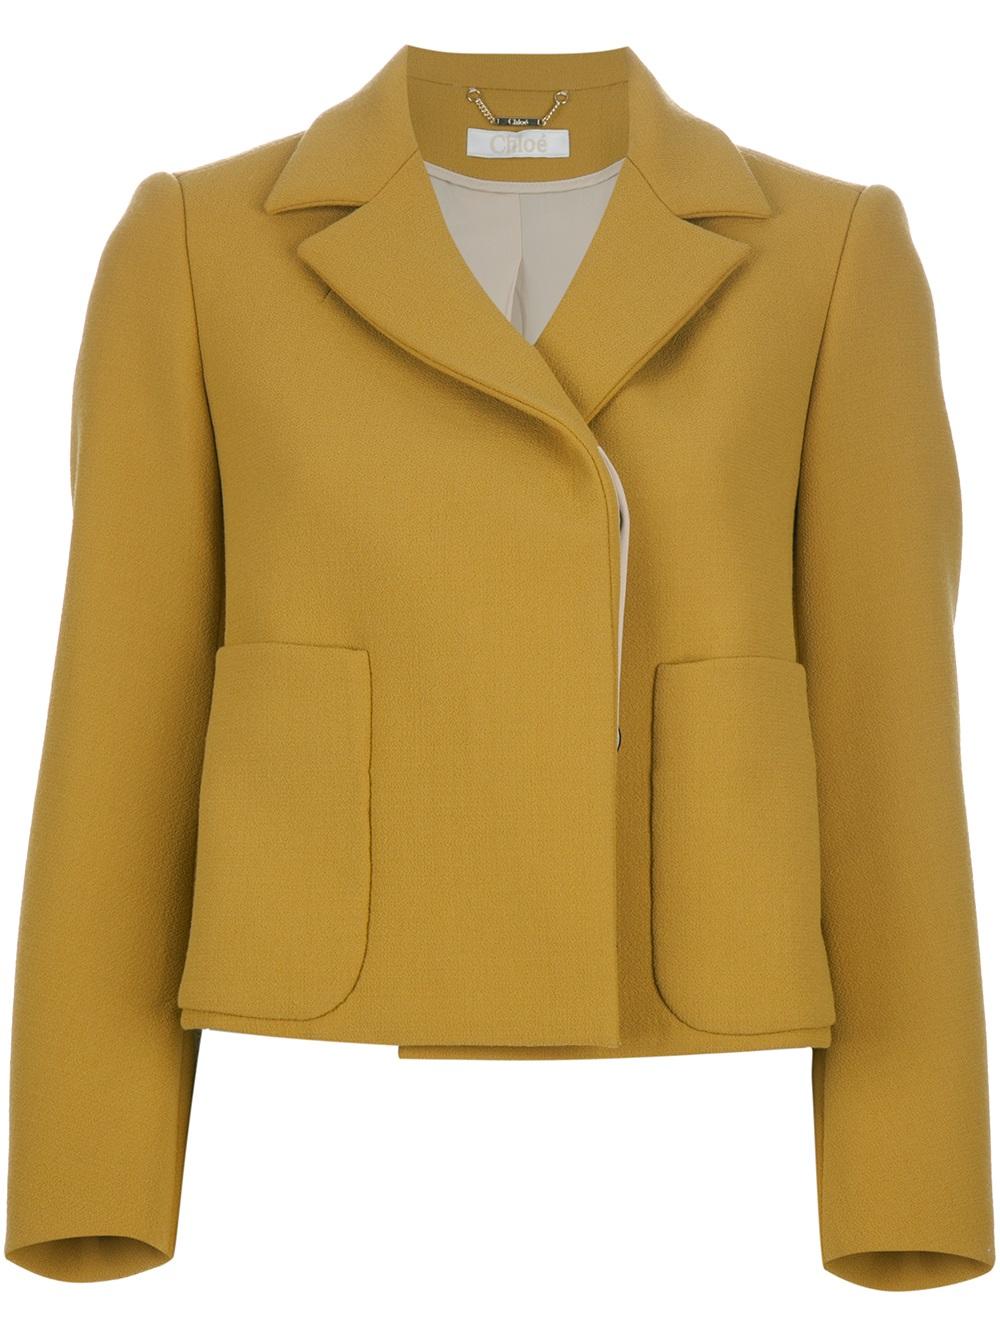 Chloé boxy jacket Sale Wholesale Price AeftDp8